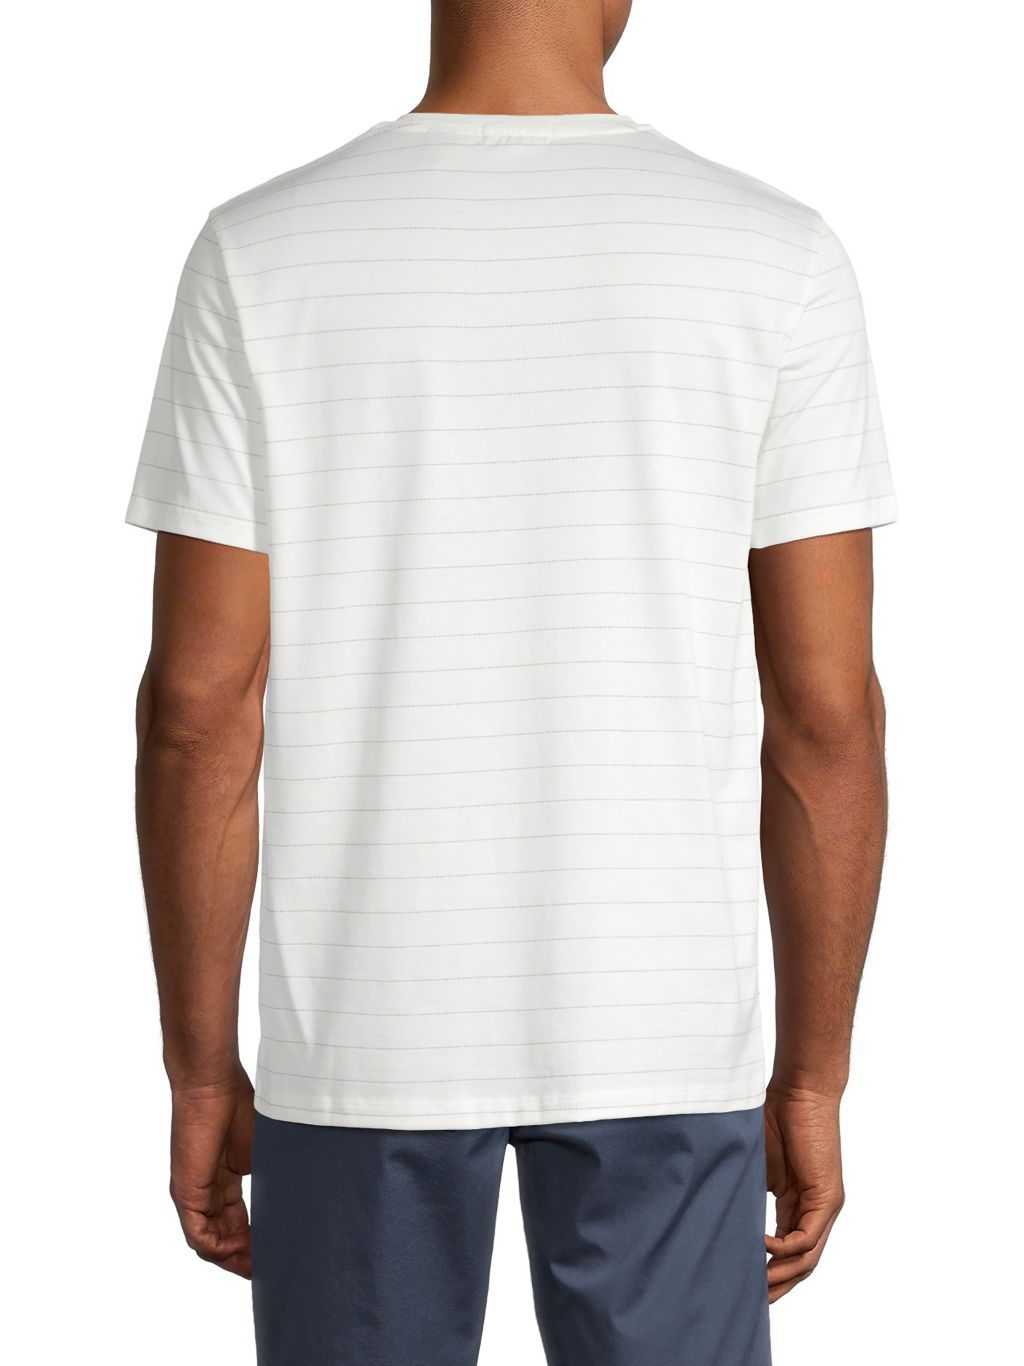 Theory Pixel Stripe Cotton T-Shirt